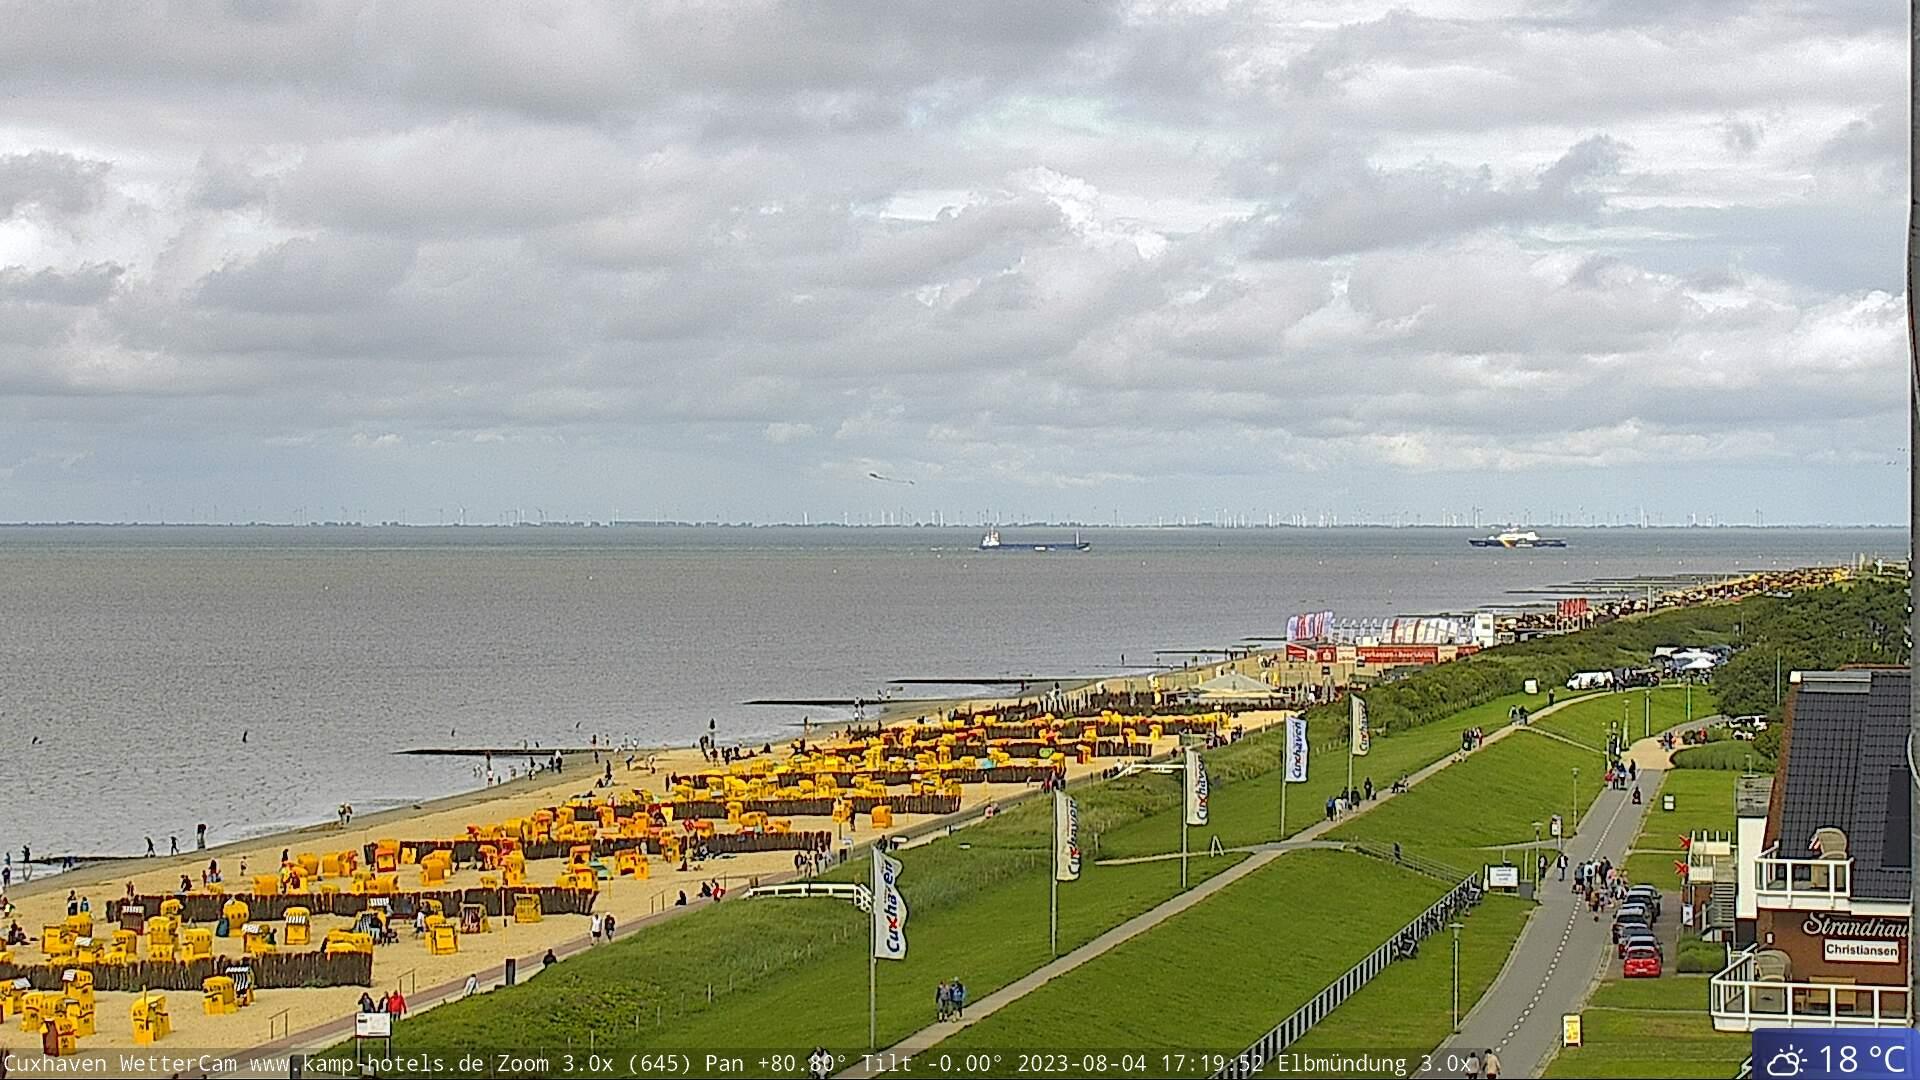 Cuxhaven Webcam Radarturm Alte Liebe Cuxhaven